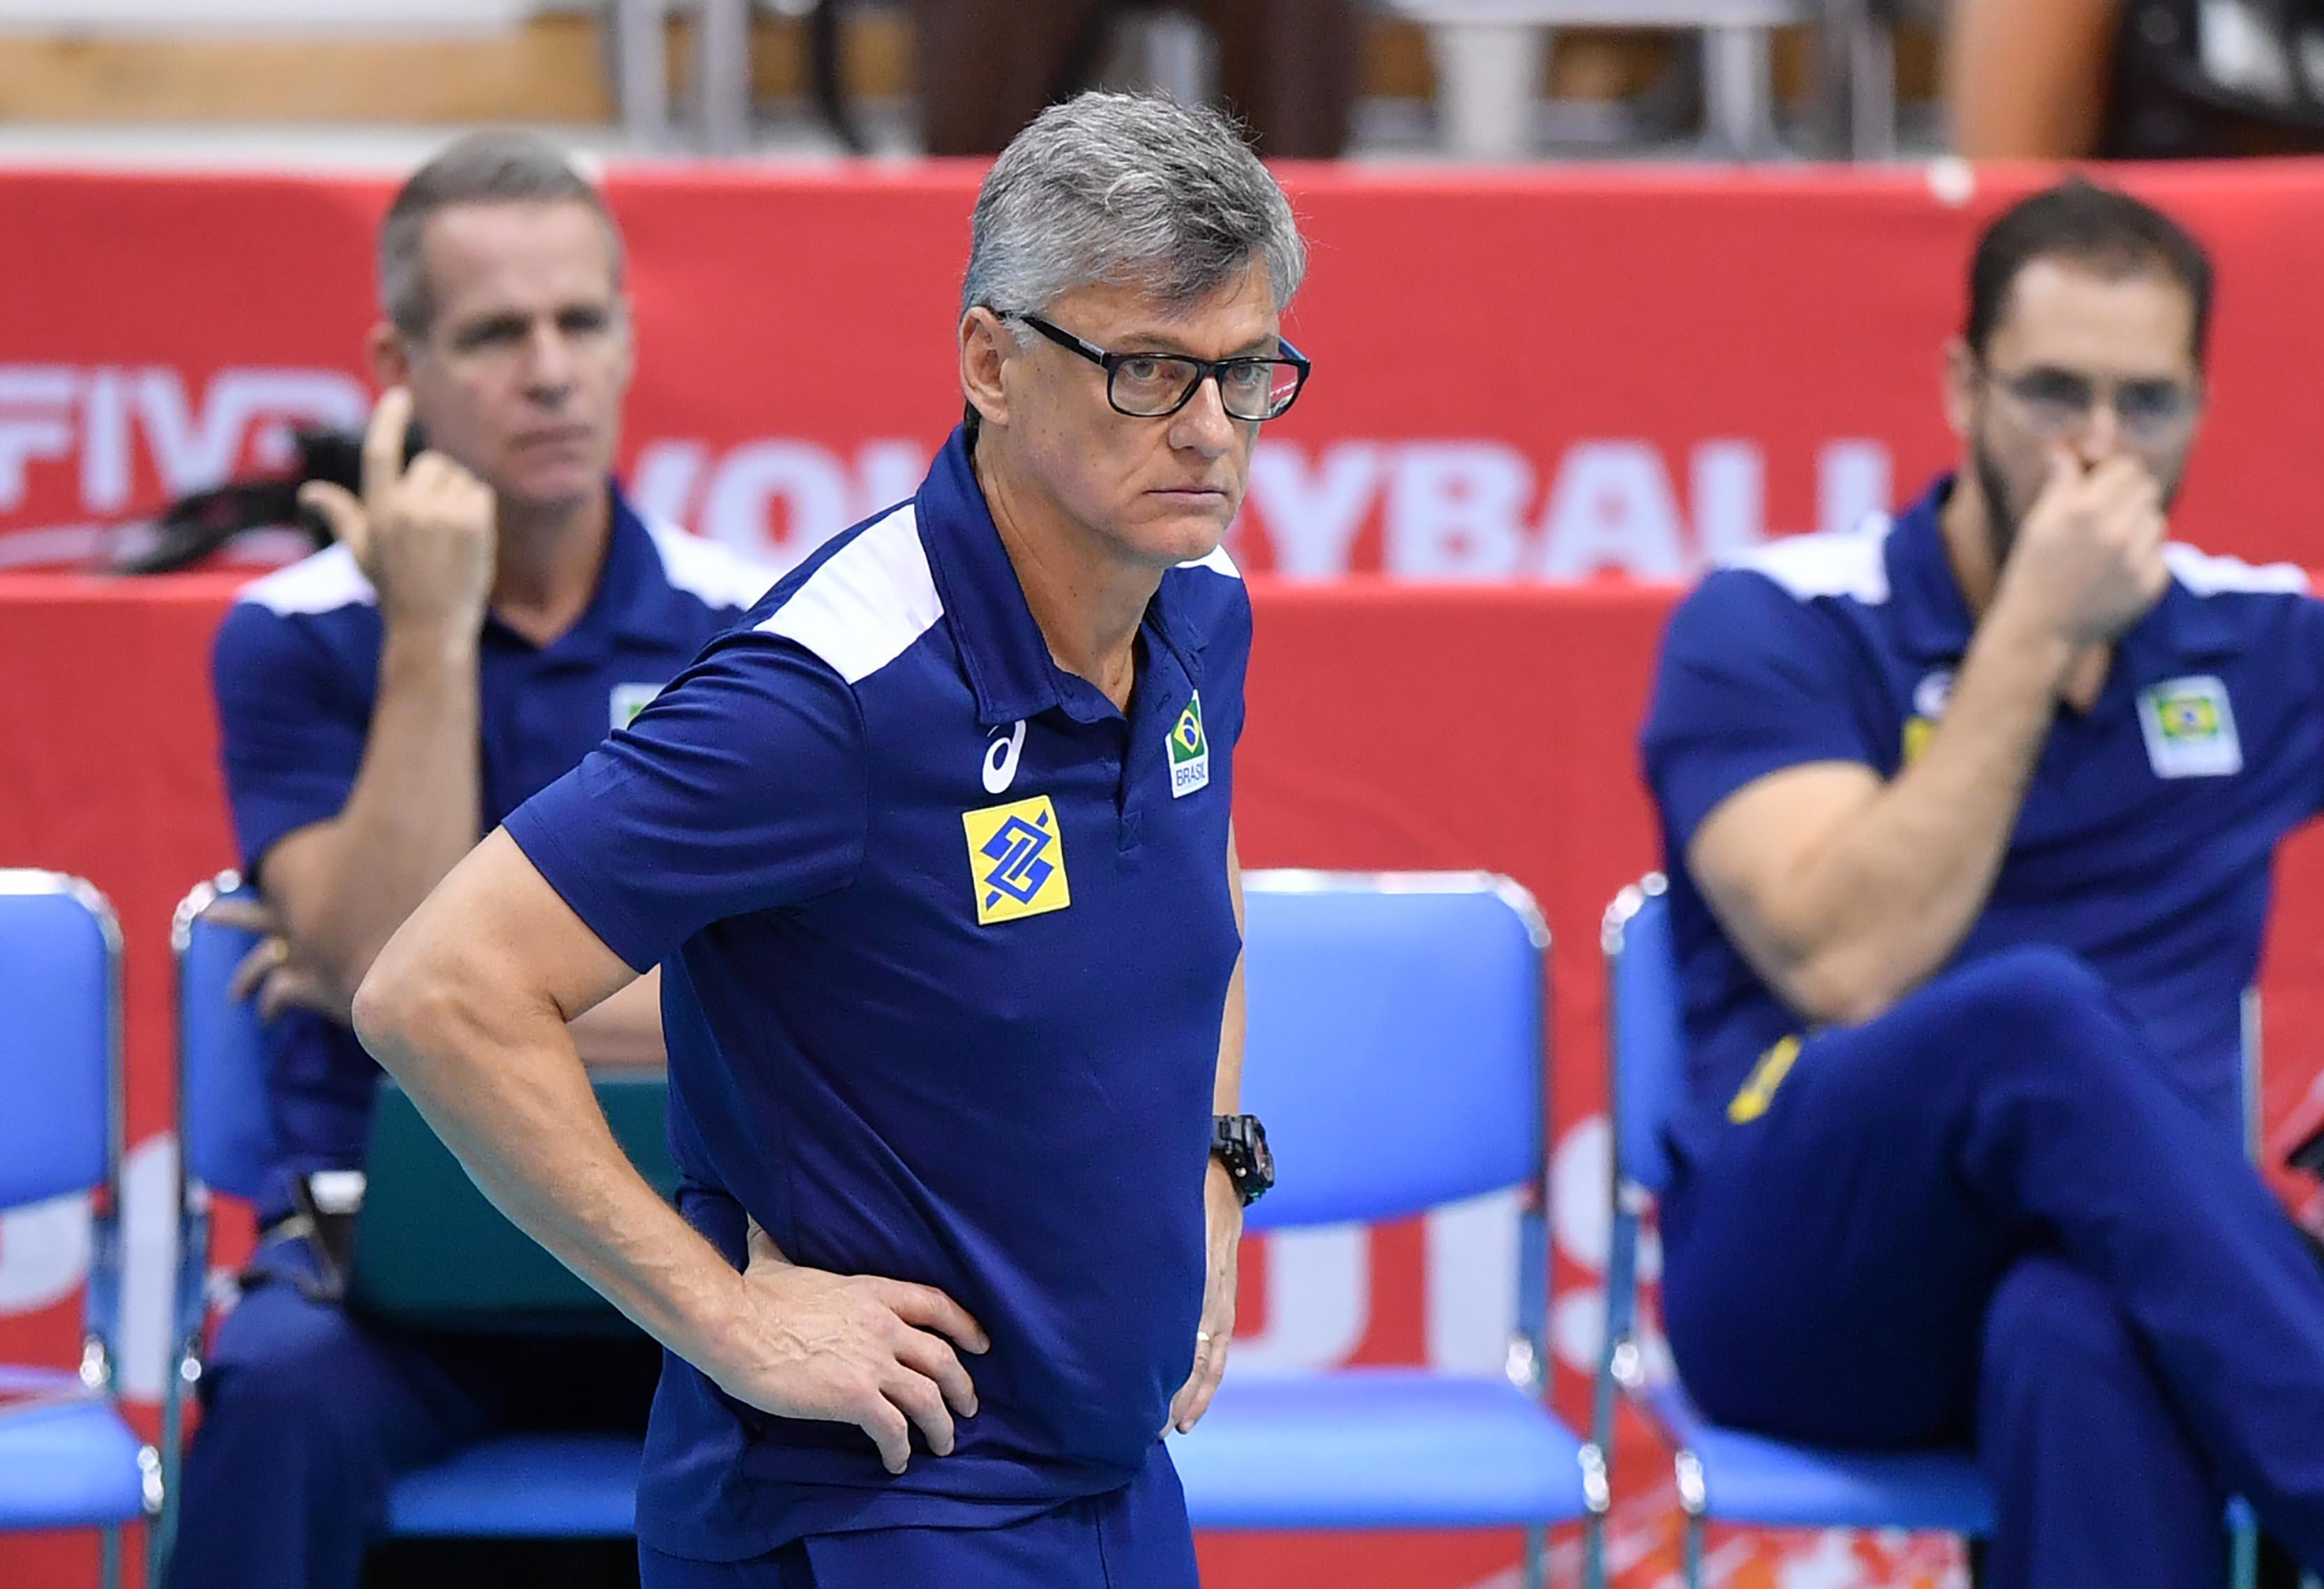 Técnico Renan será exclusivo da seleção visando Tóquio